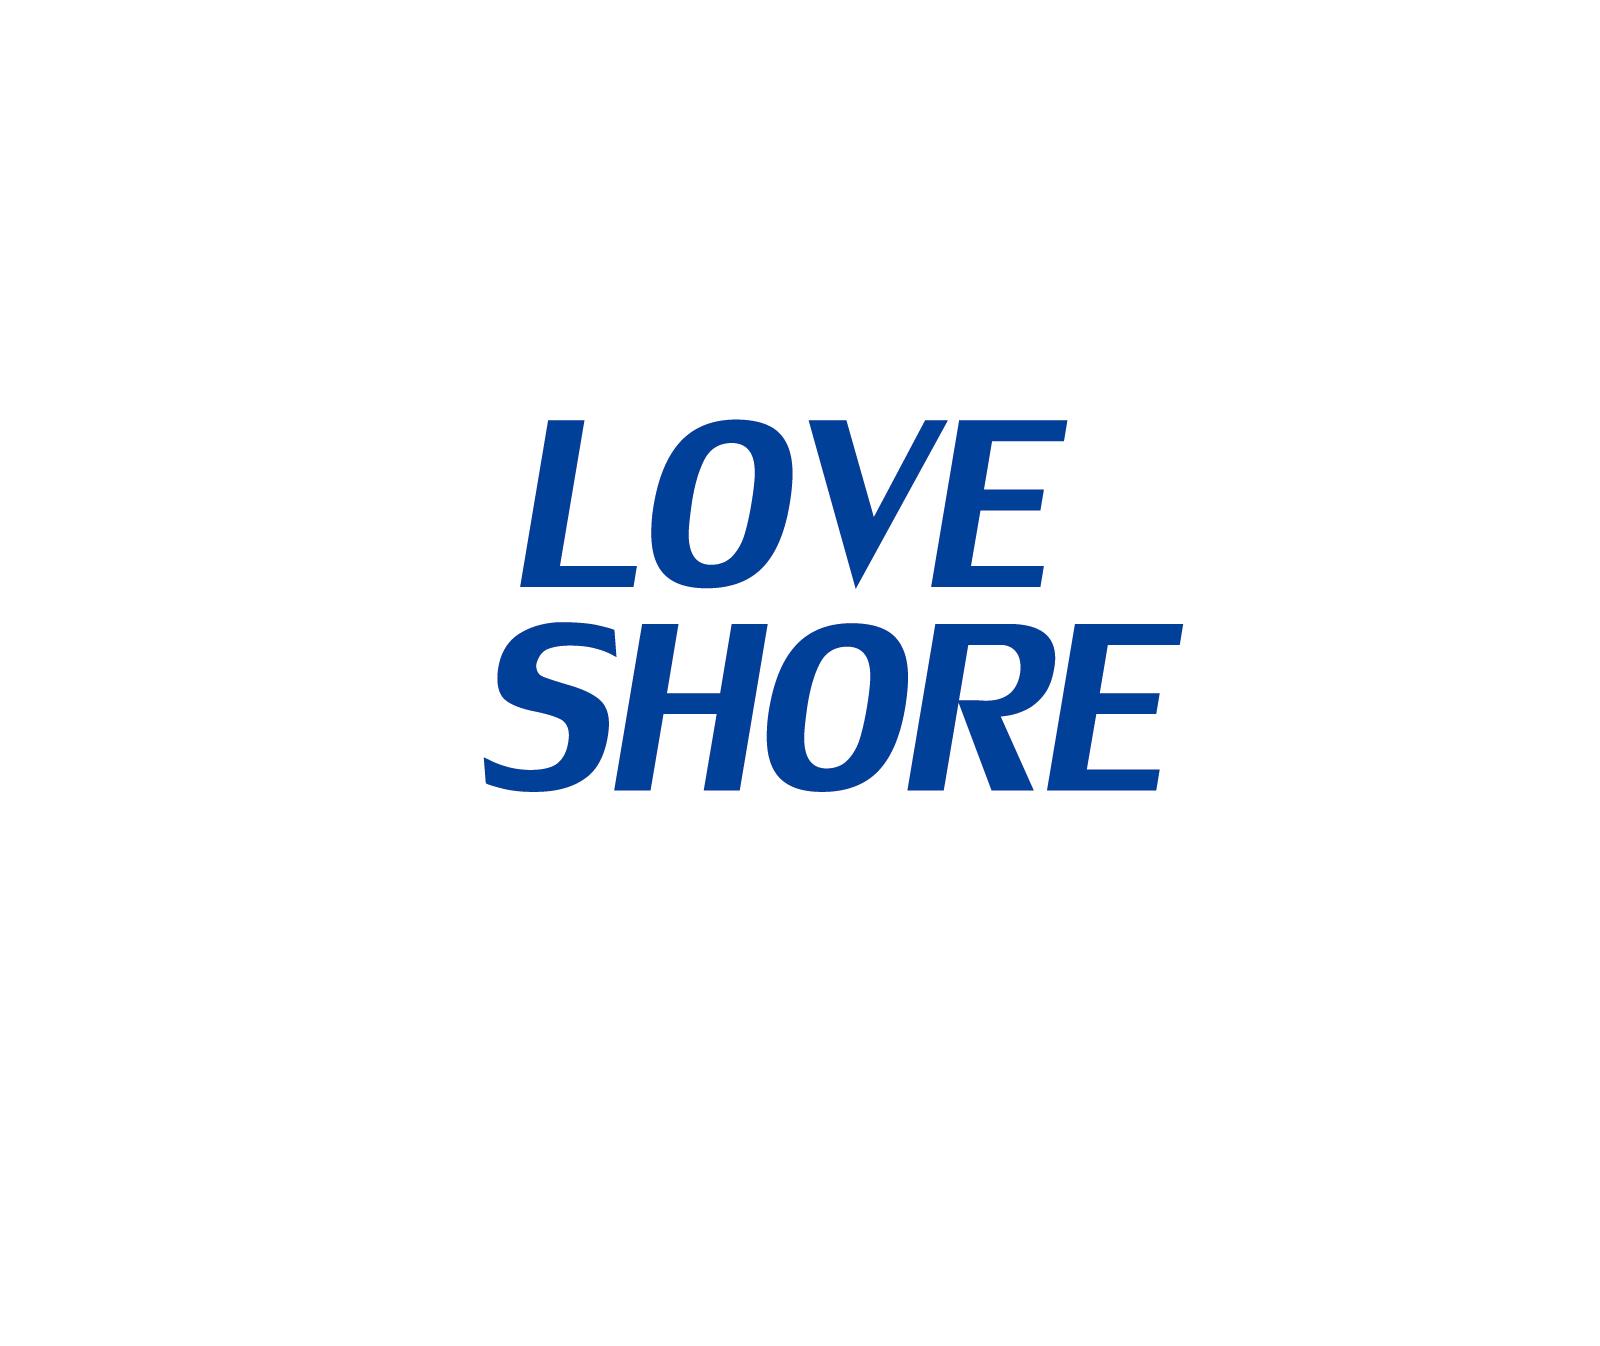 loveshore旗舰店